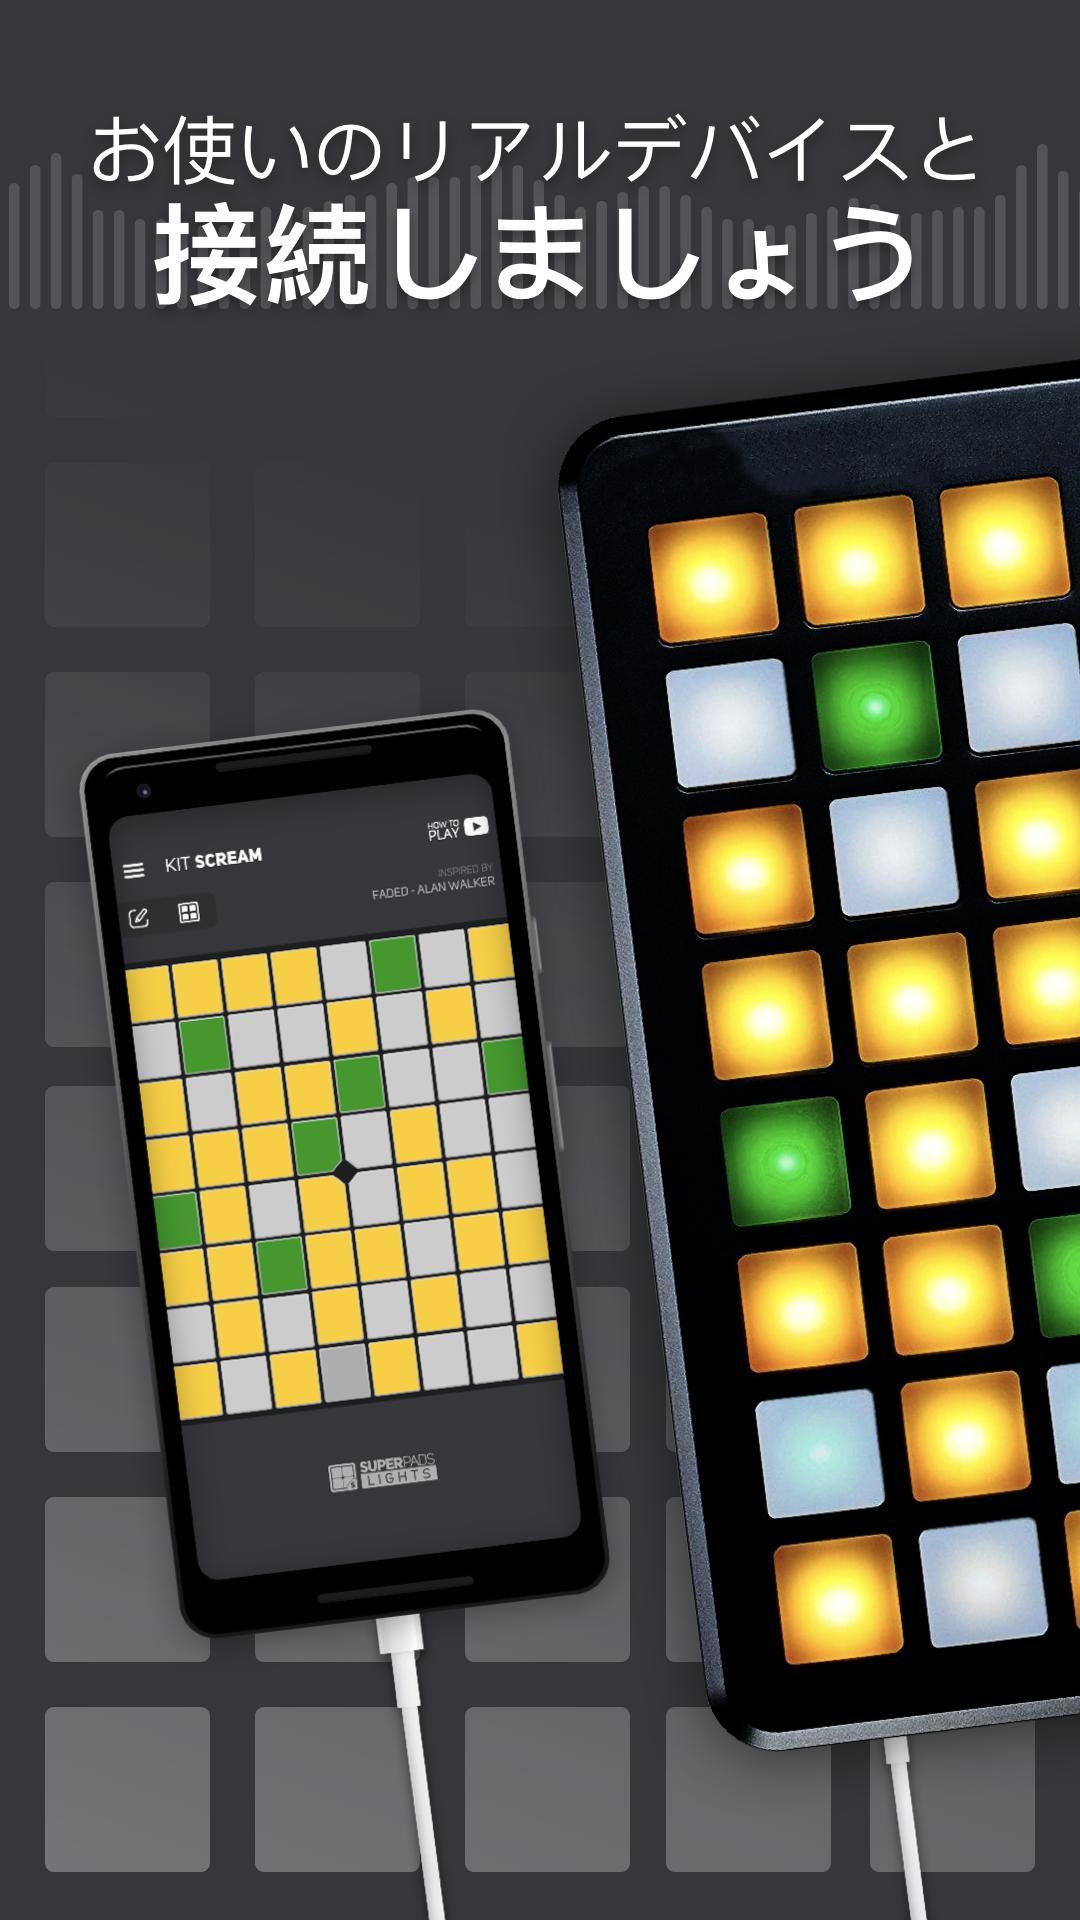 5e134b6d8a1a6 Android 用の SUPER PADS LIGHTS - あなたのDJアプリ APK をダウンロード